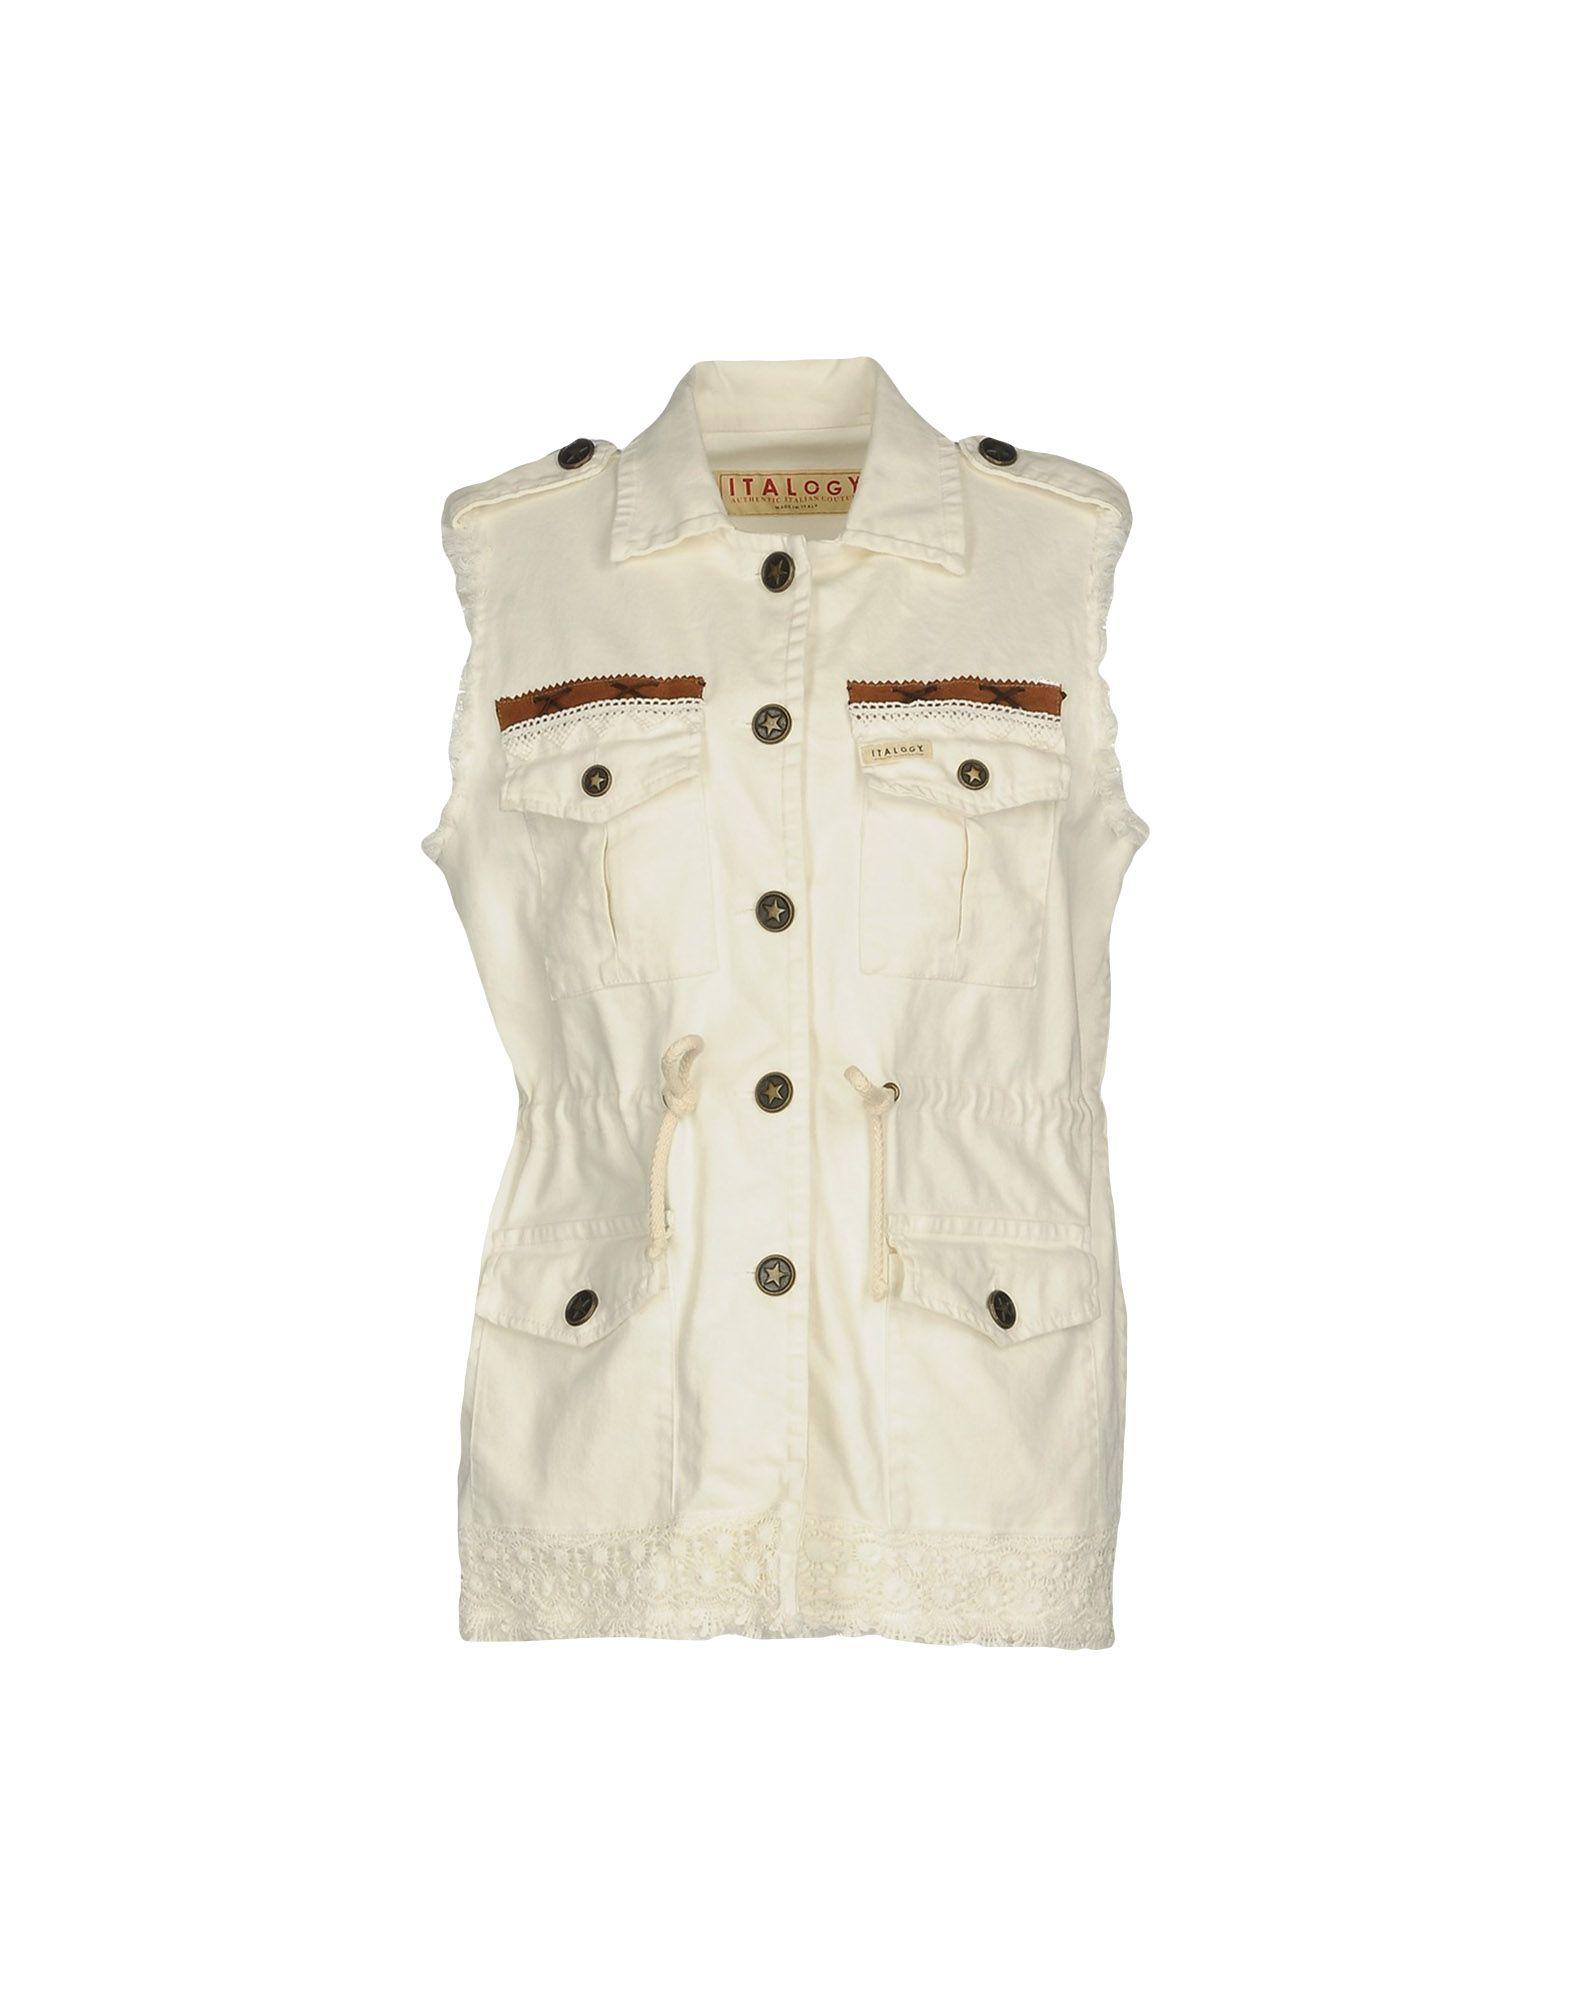 ITALOGY Джинсовая верхняя одежда